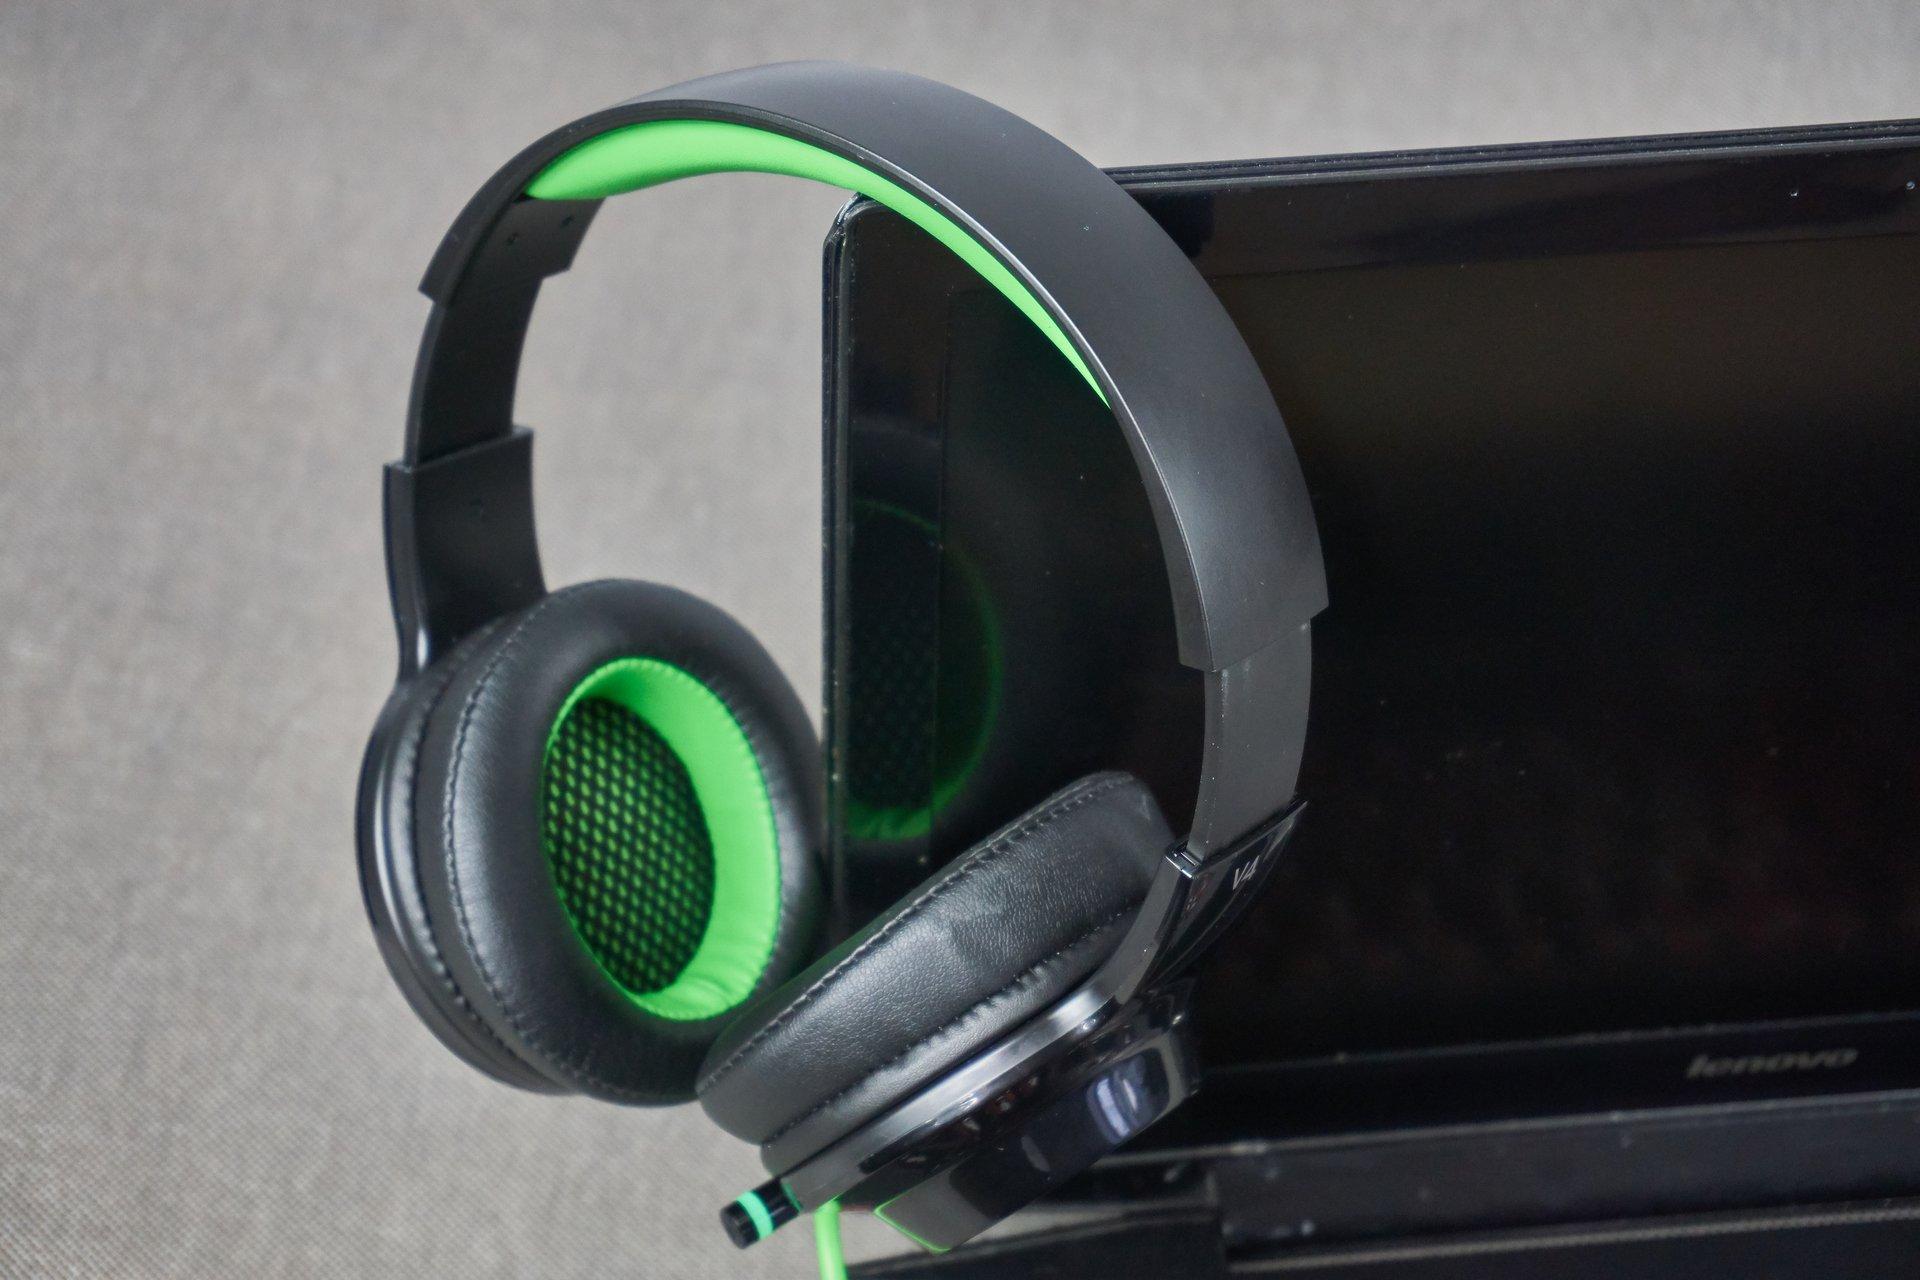 Recenzja słuchawek Edifier V4 - światła, wibracje i dźwięk